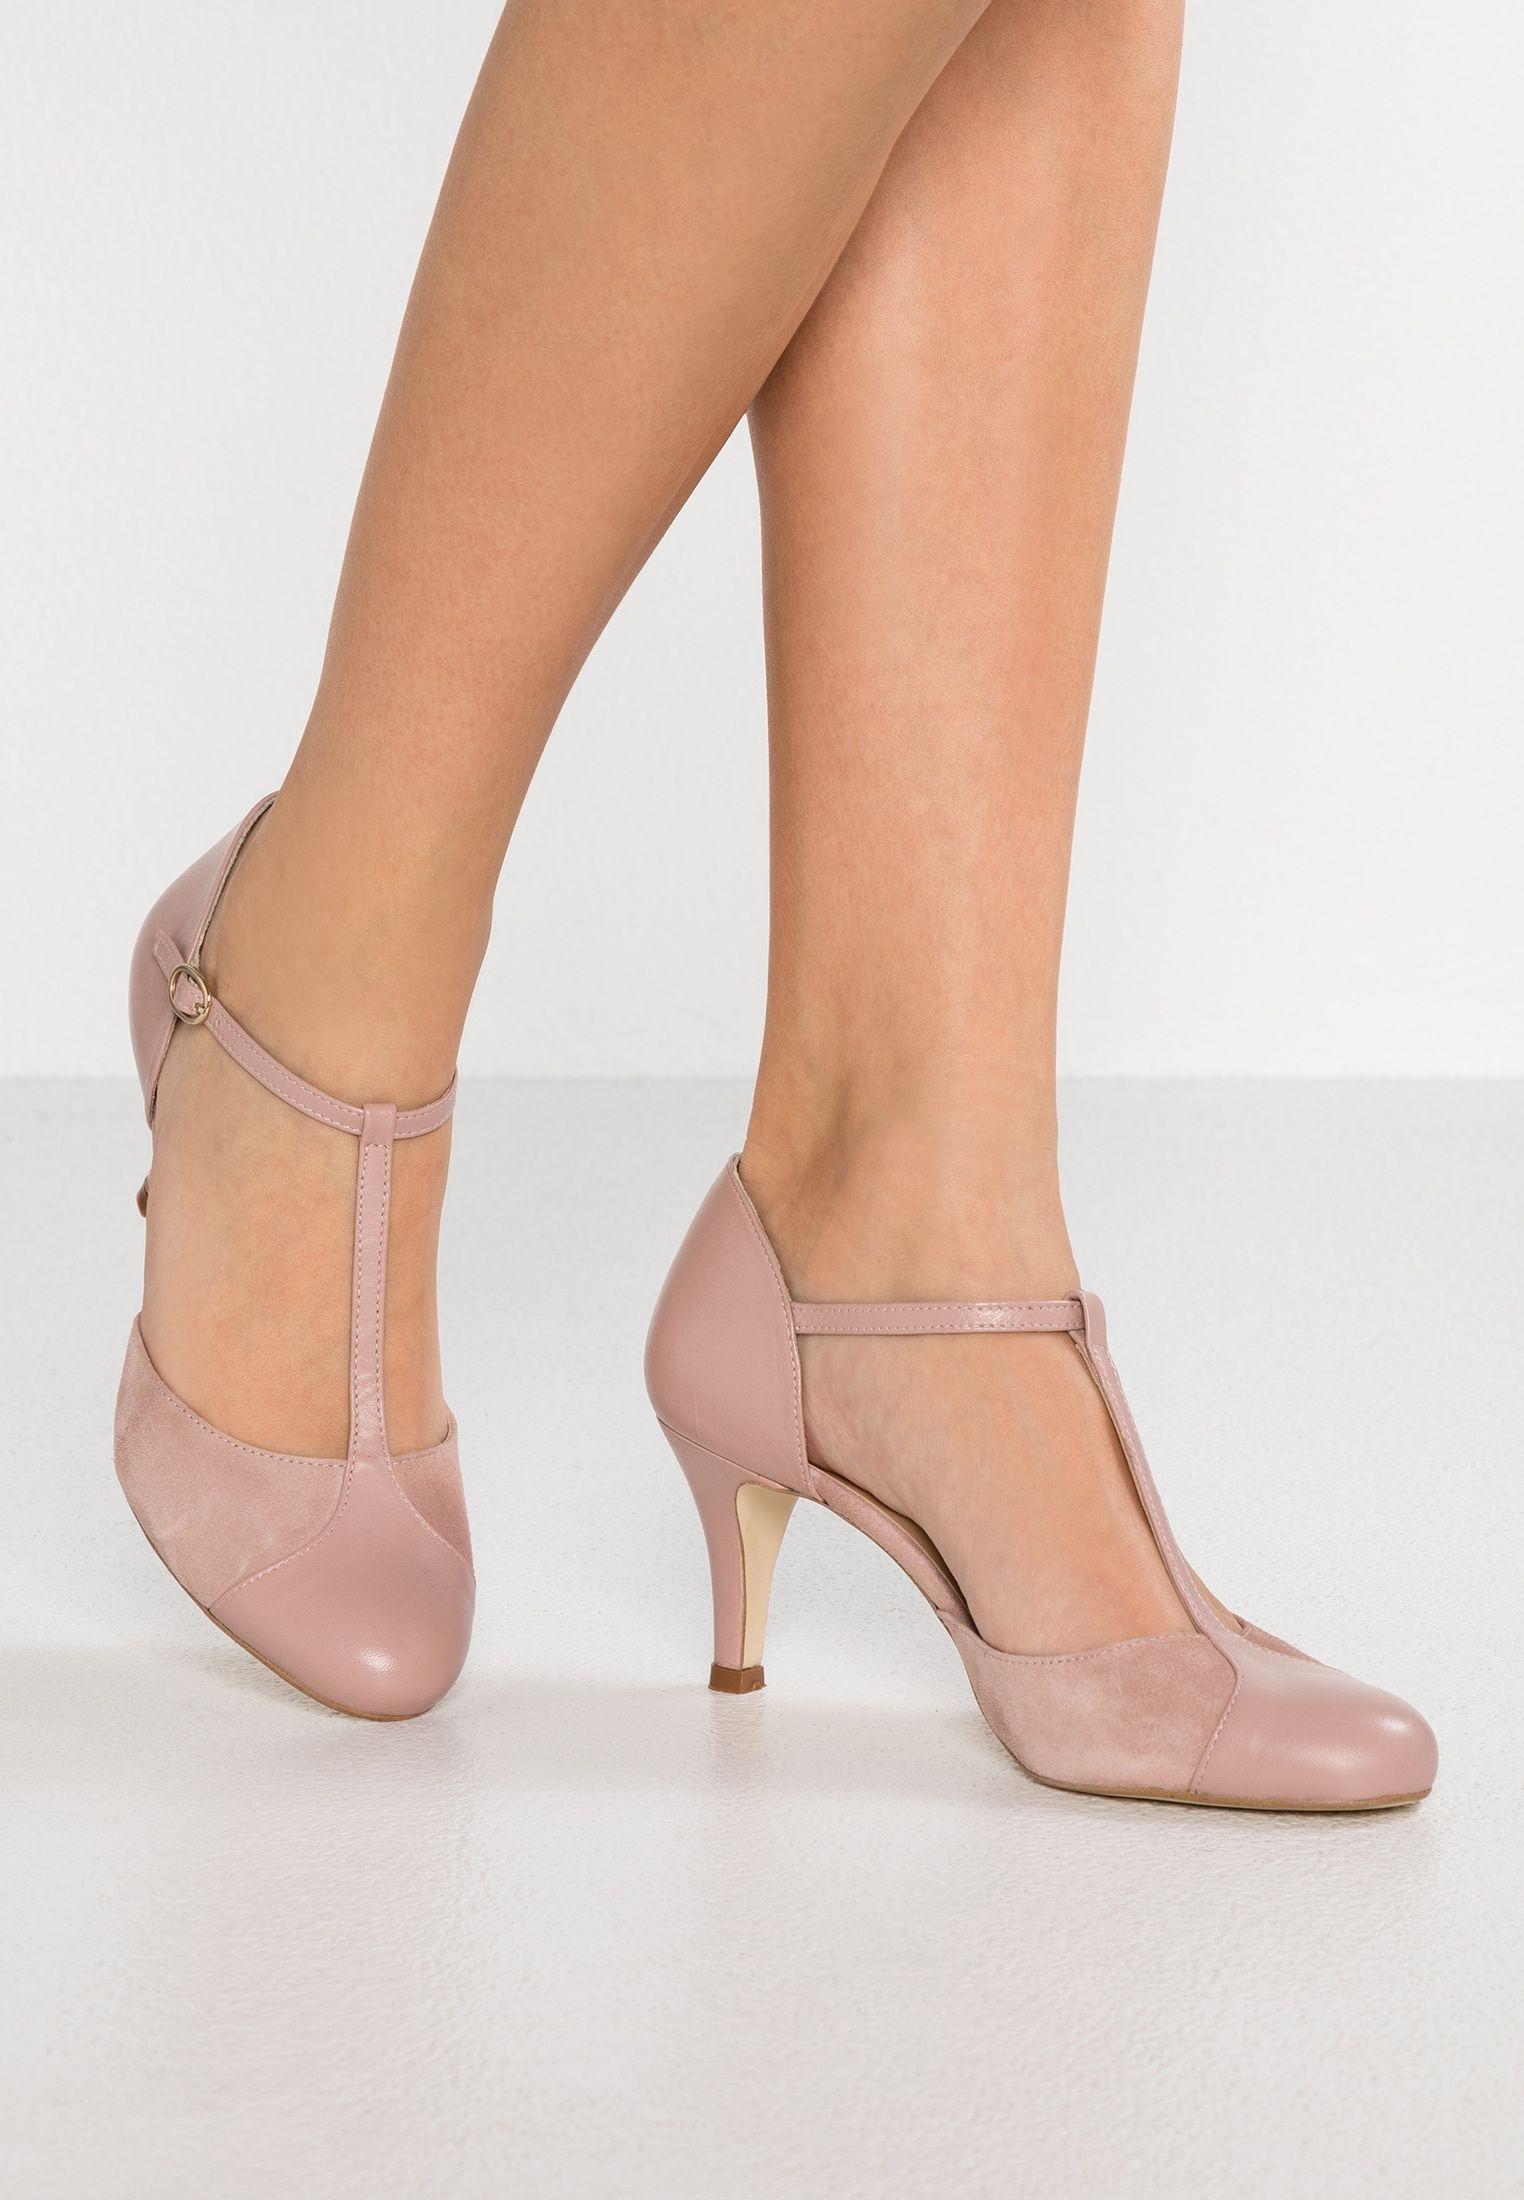 Pumps Nerine Zalando De In 2020 Zalando Schuhe Frauen Schuhe Fur Madchen